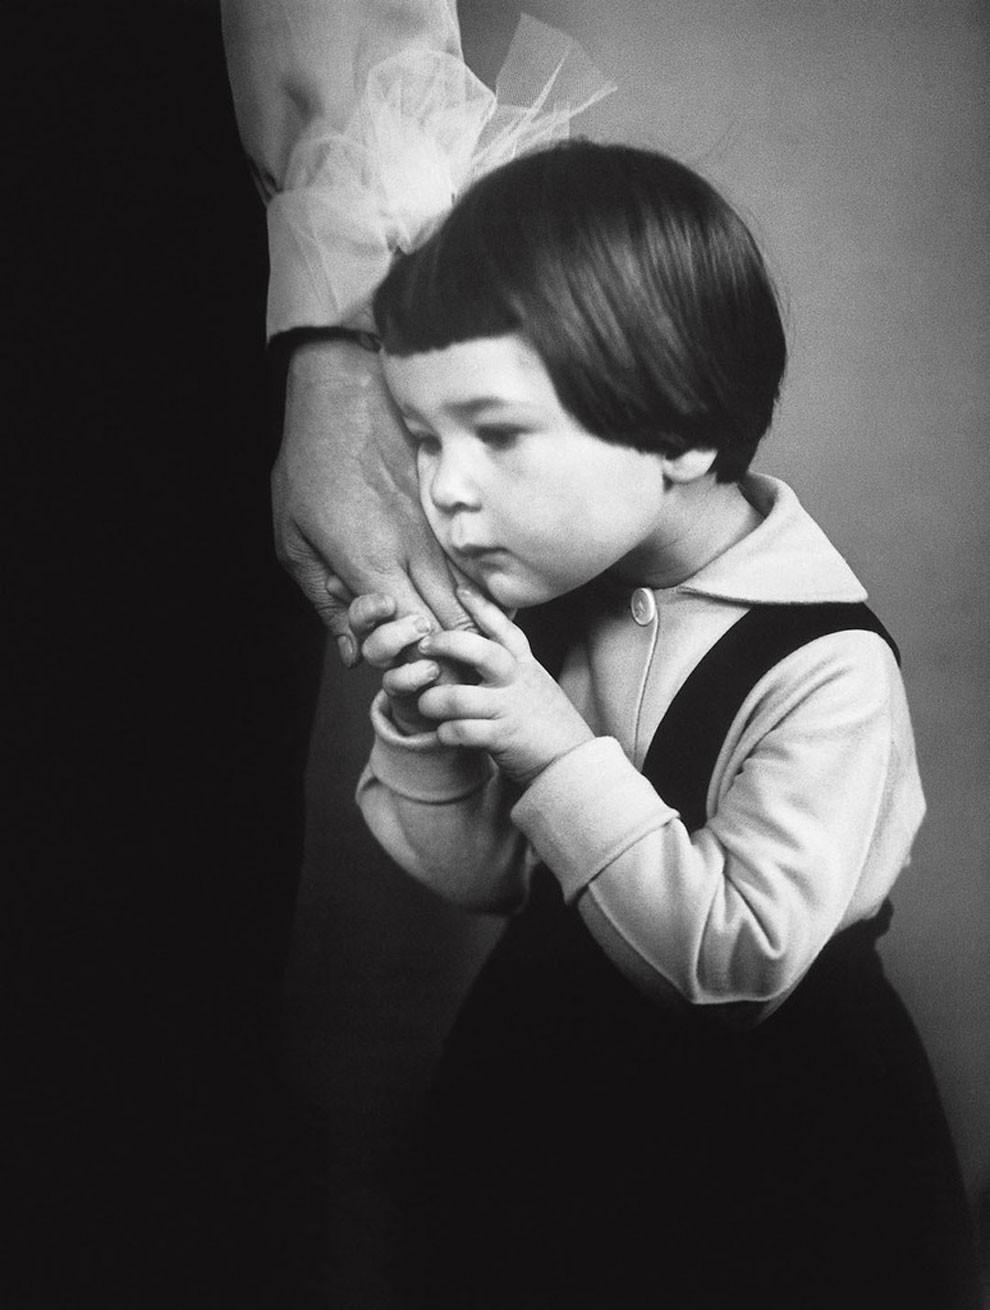 Фотографии невероятной нежности про советское детство в Литве